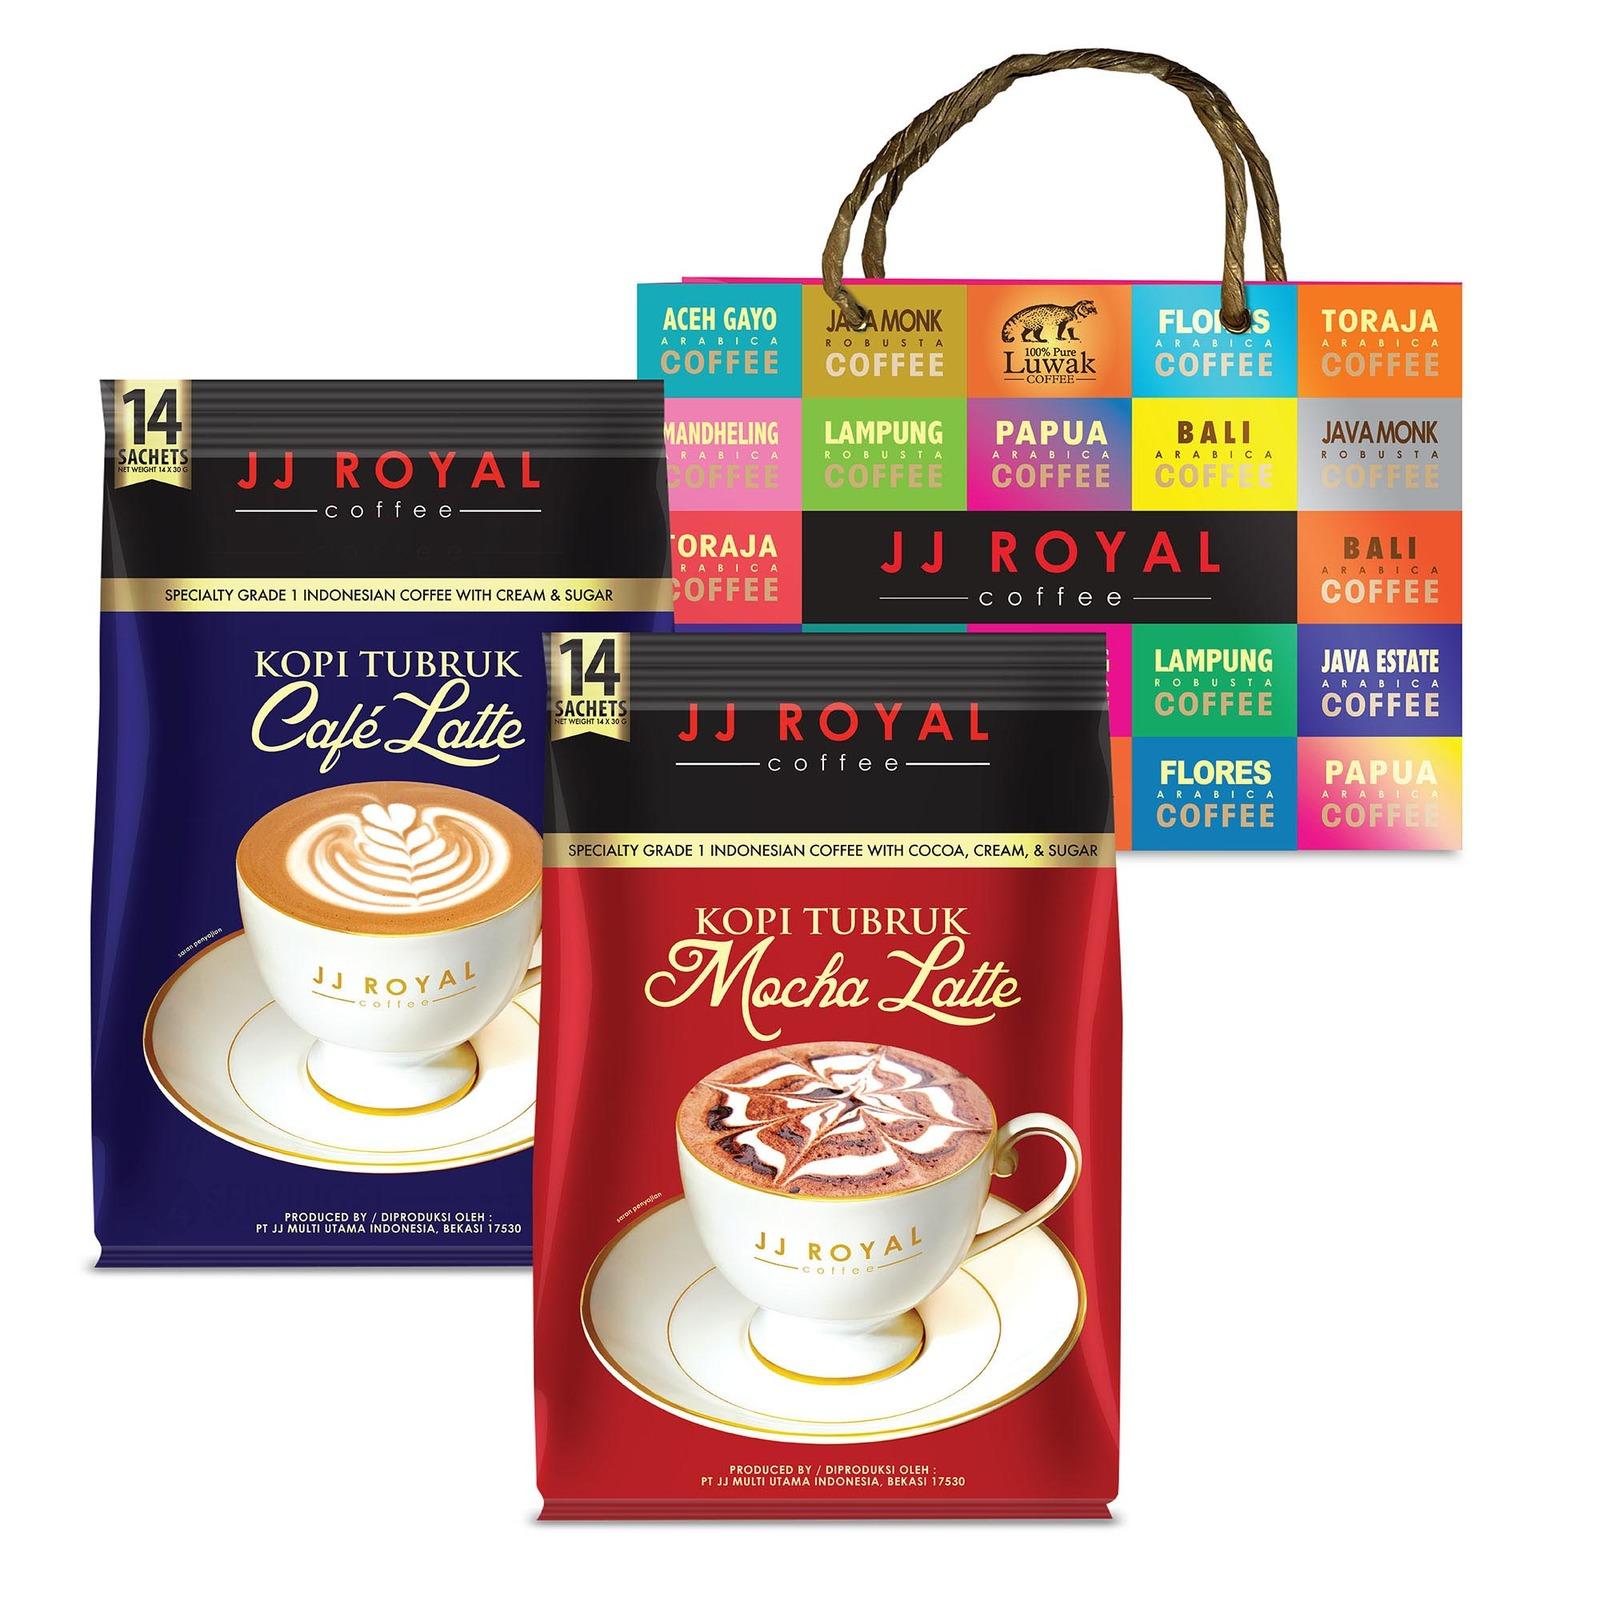 JJ Royal Coffee - Luxurious Latte Gift Set 2 (Premix)